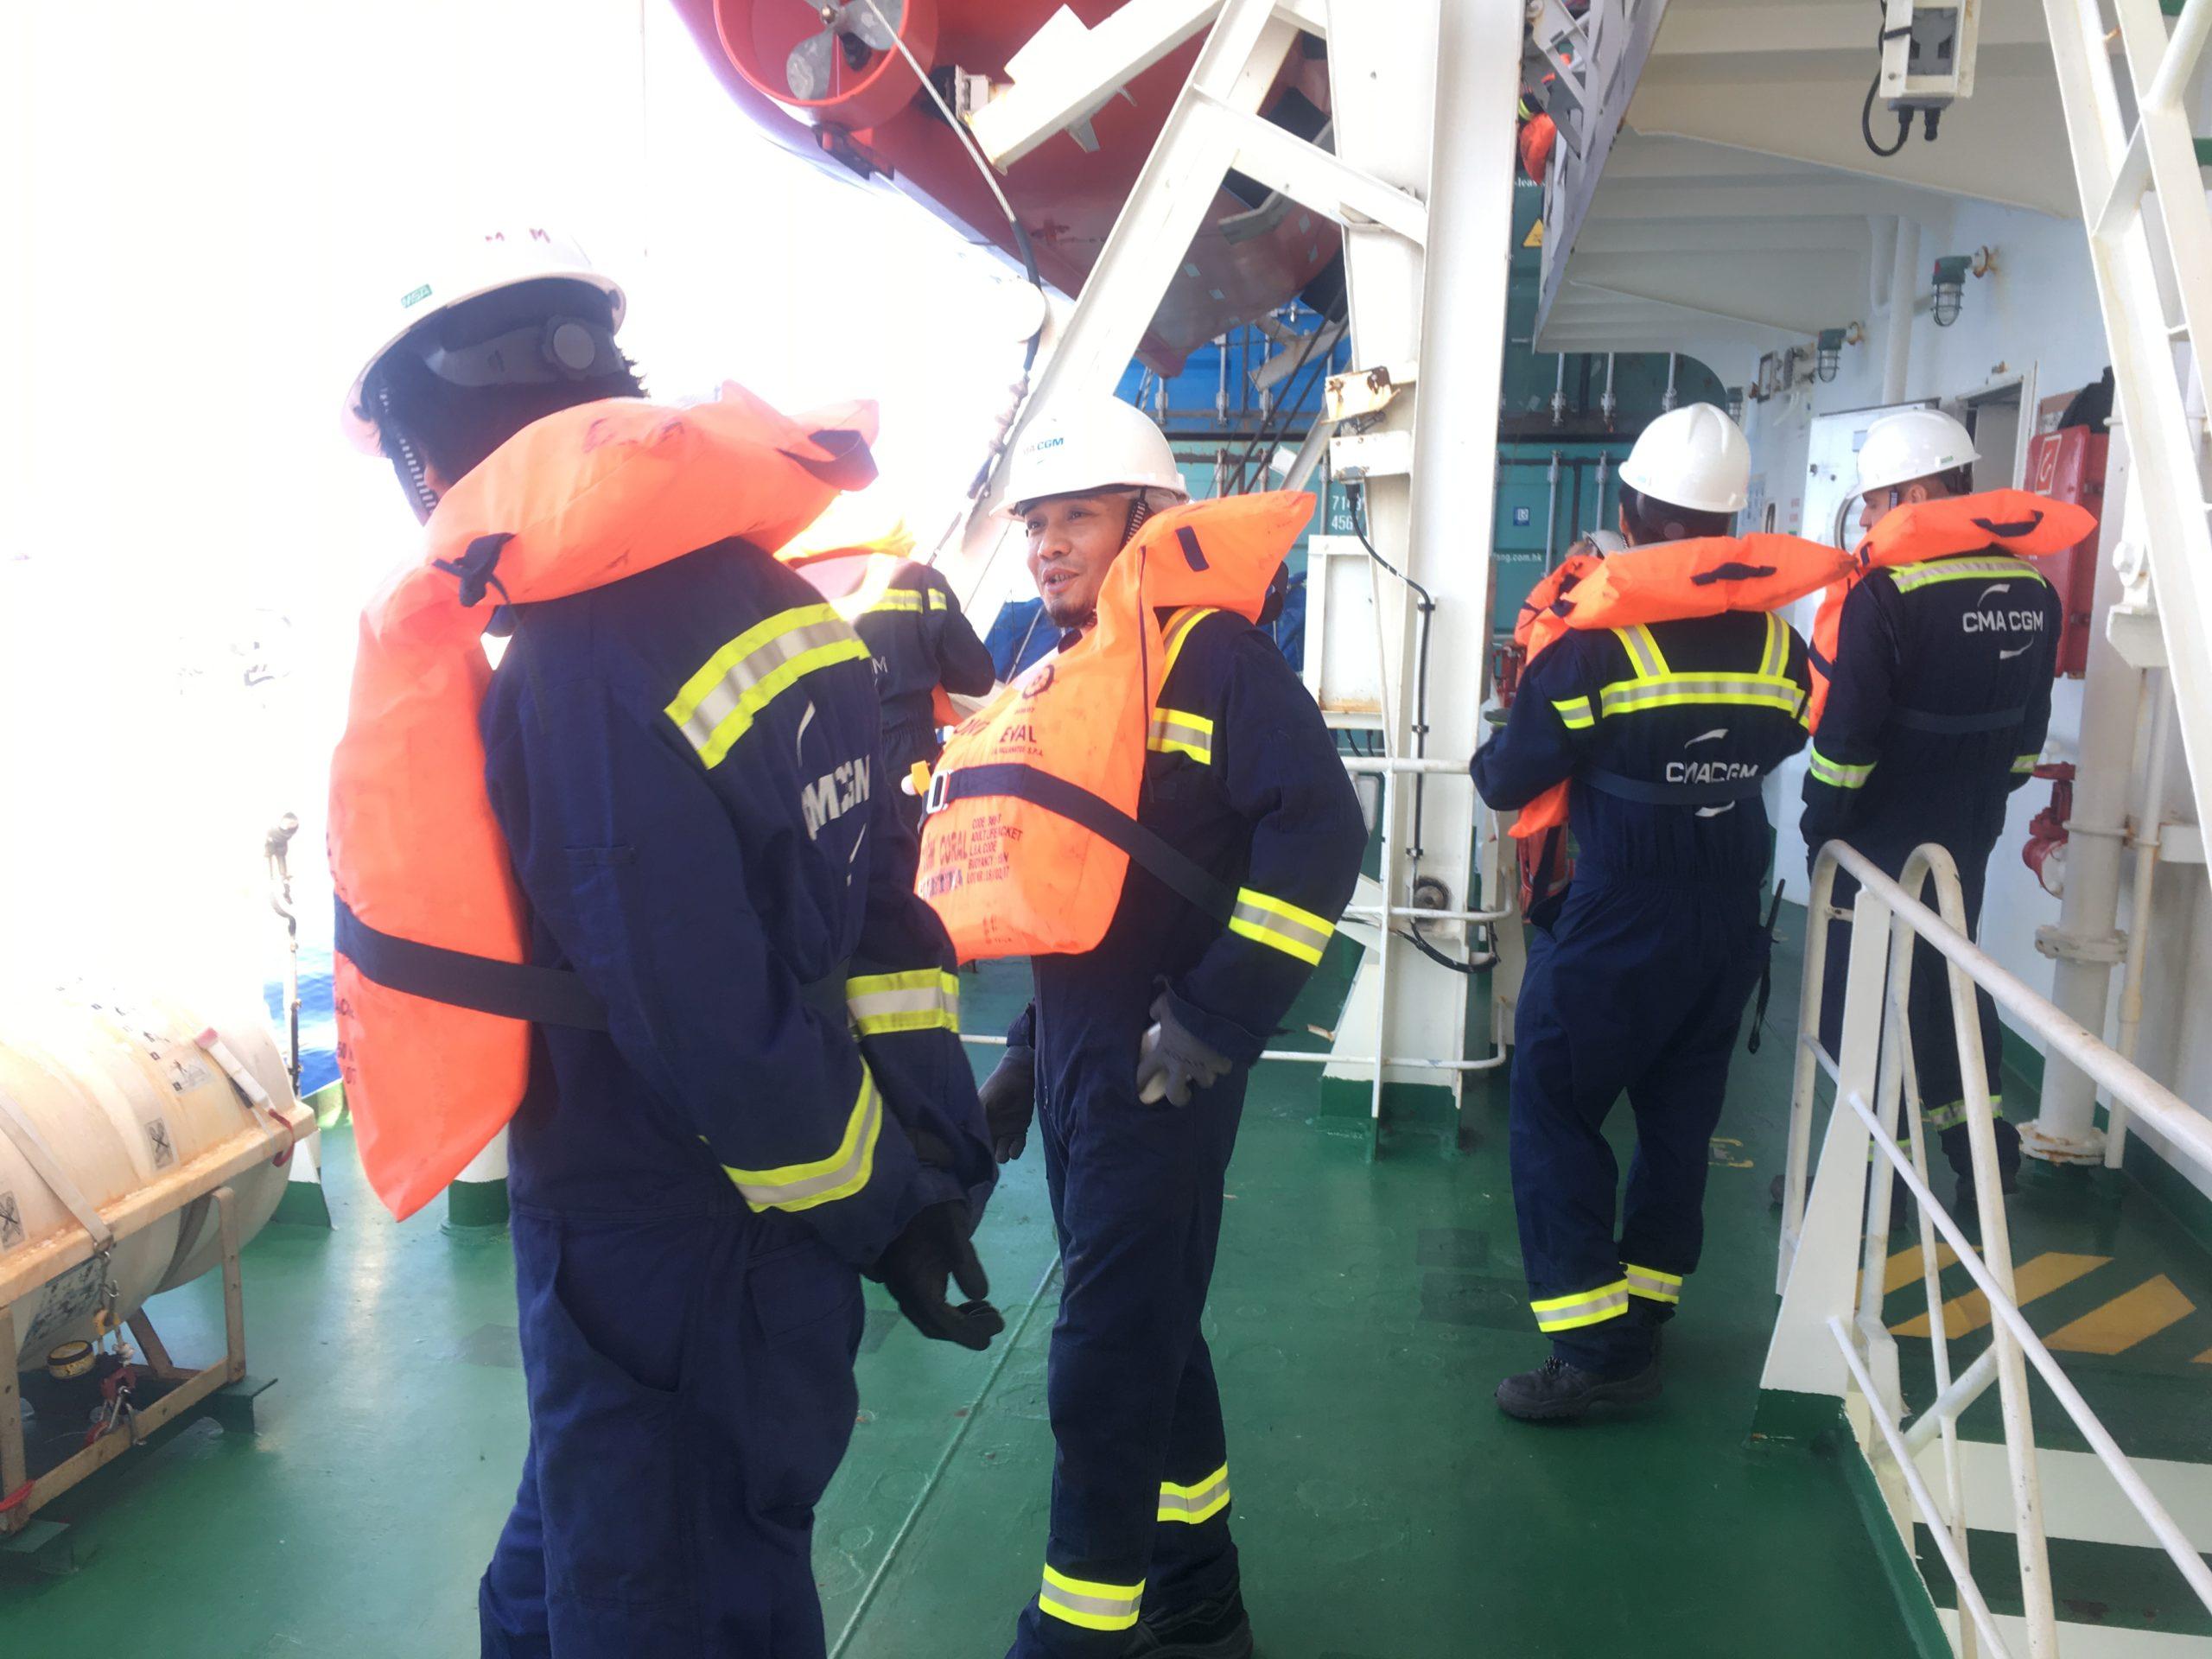 Crew in full kit CC Coral